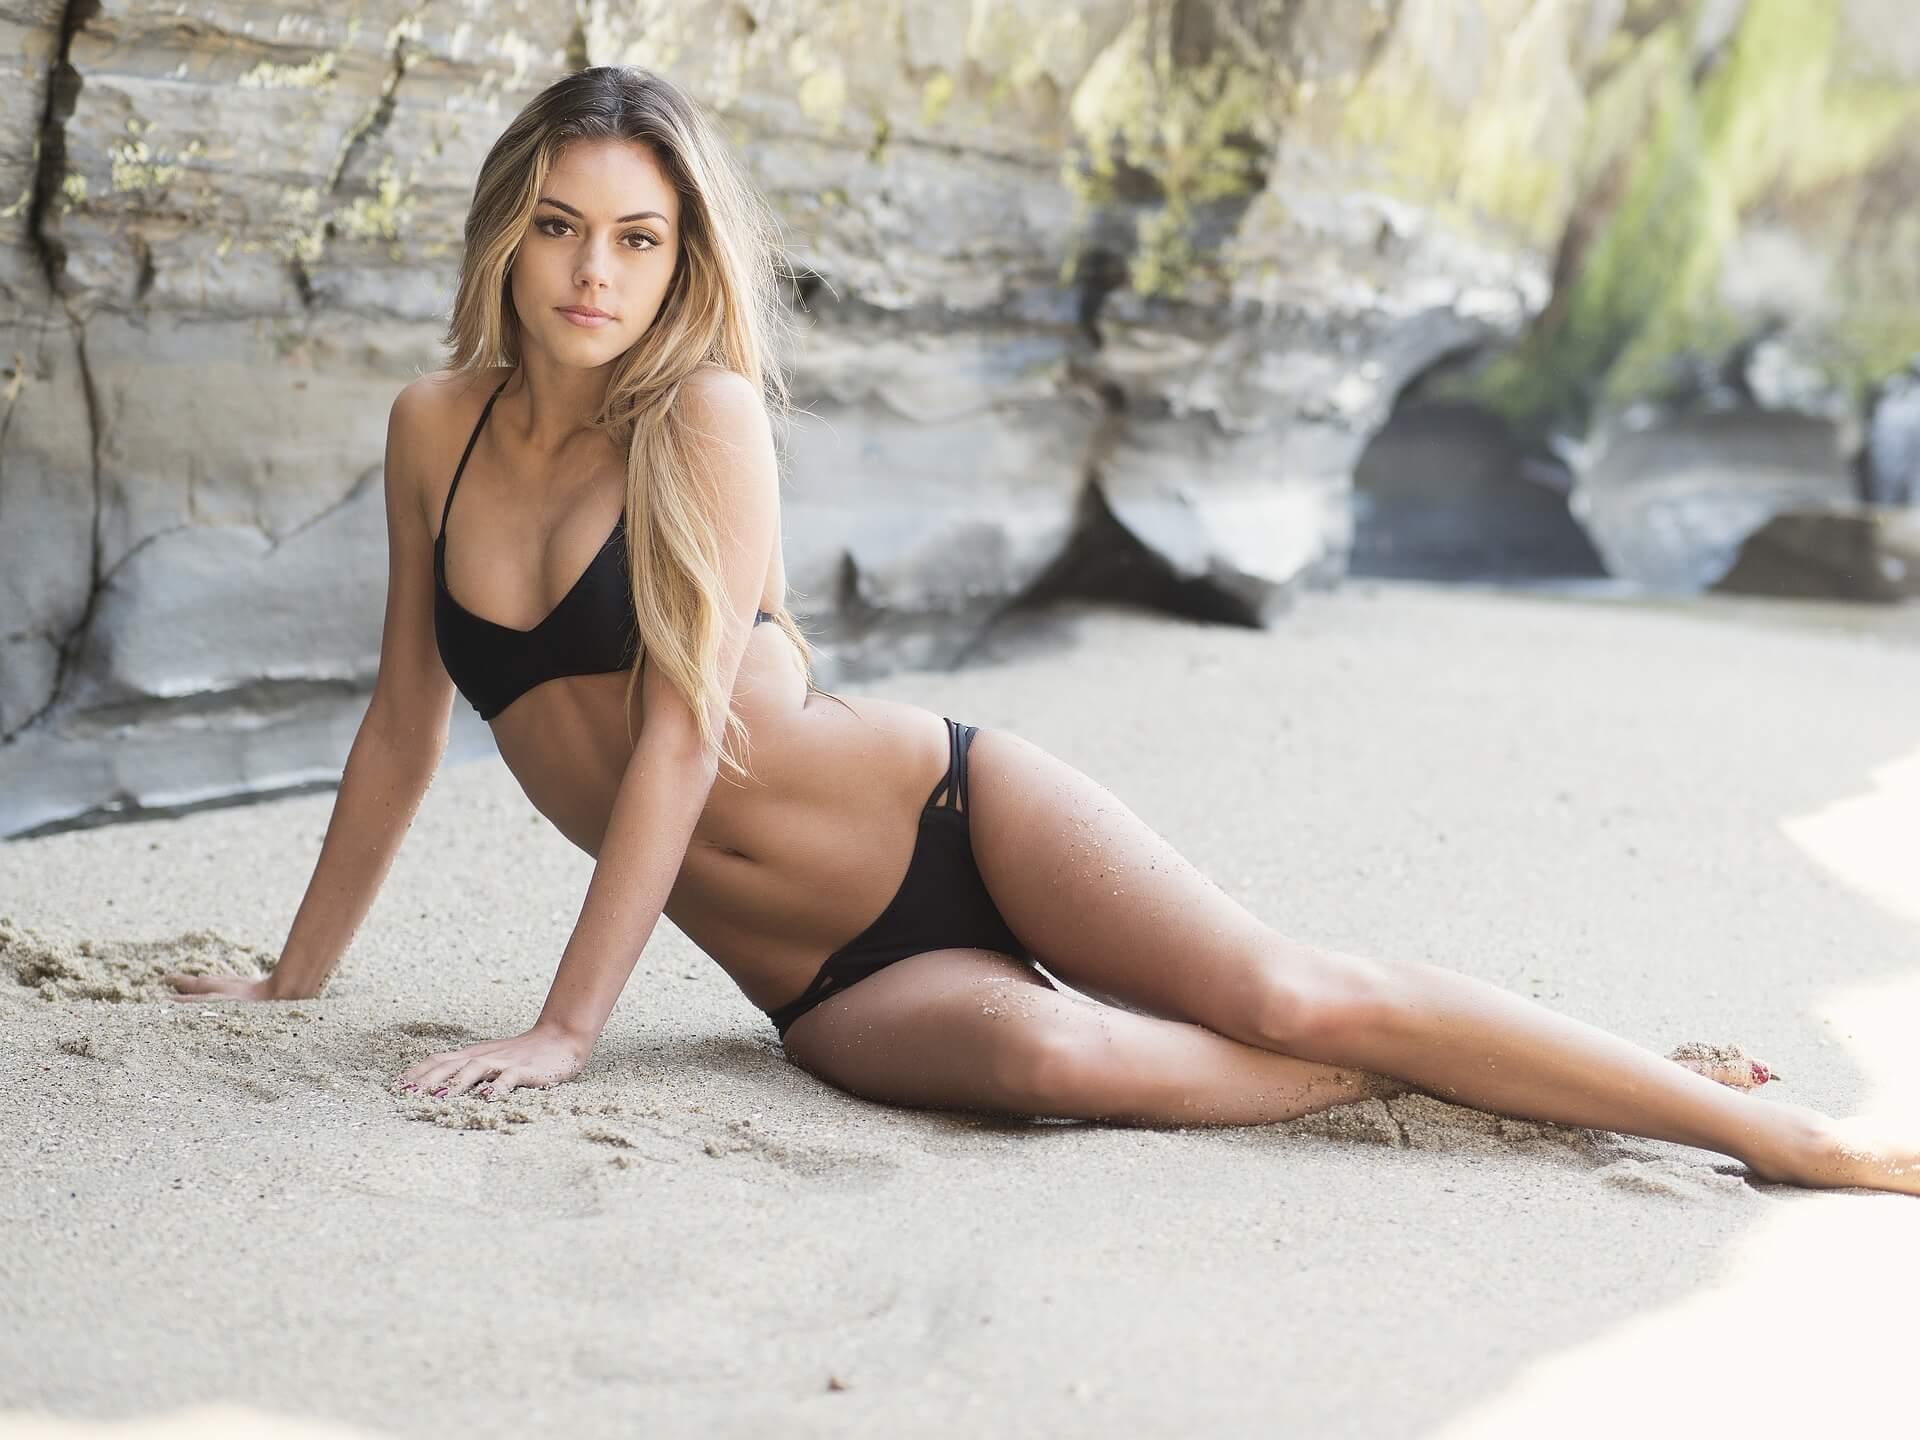 Pornodarstellerin werden Outdoor Strand